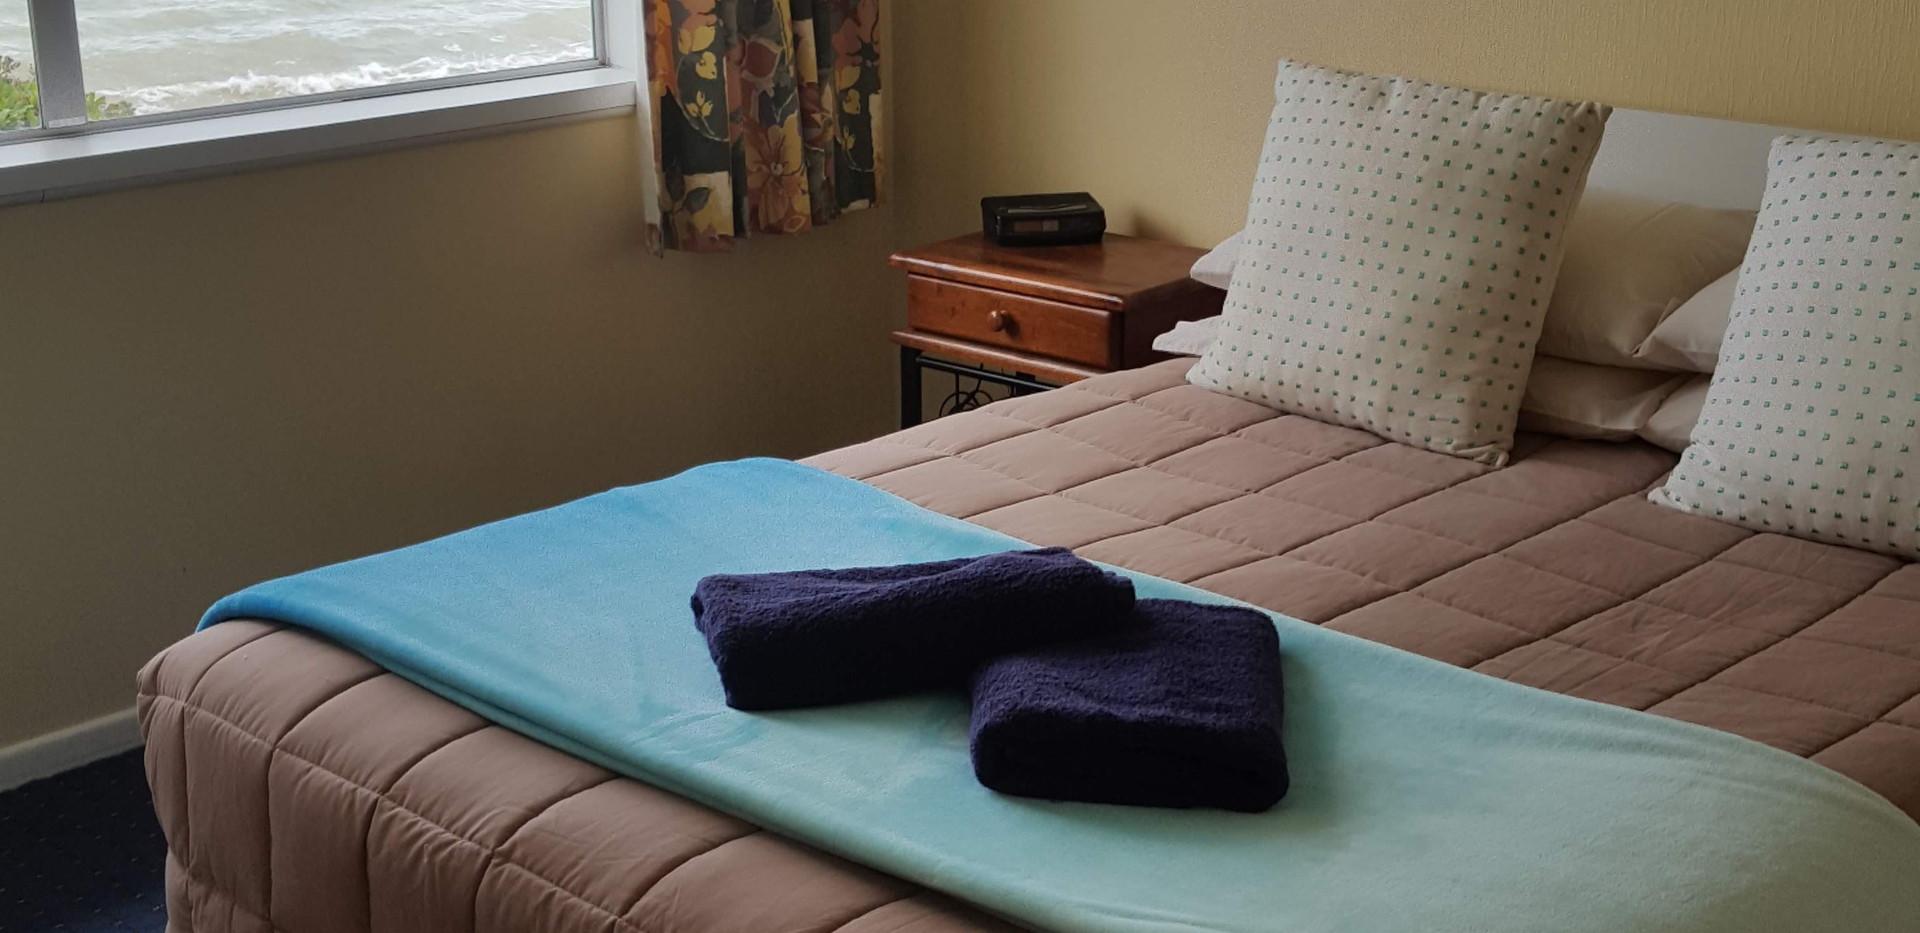 Seaspray Motel 1 bedroom unit